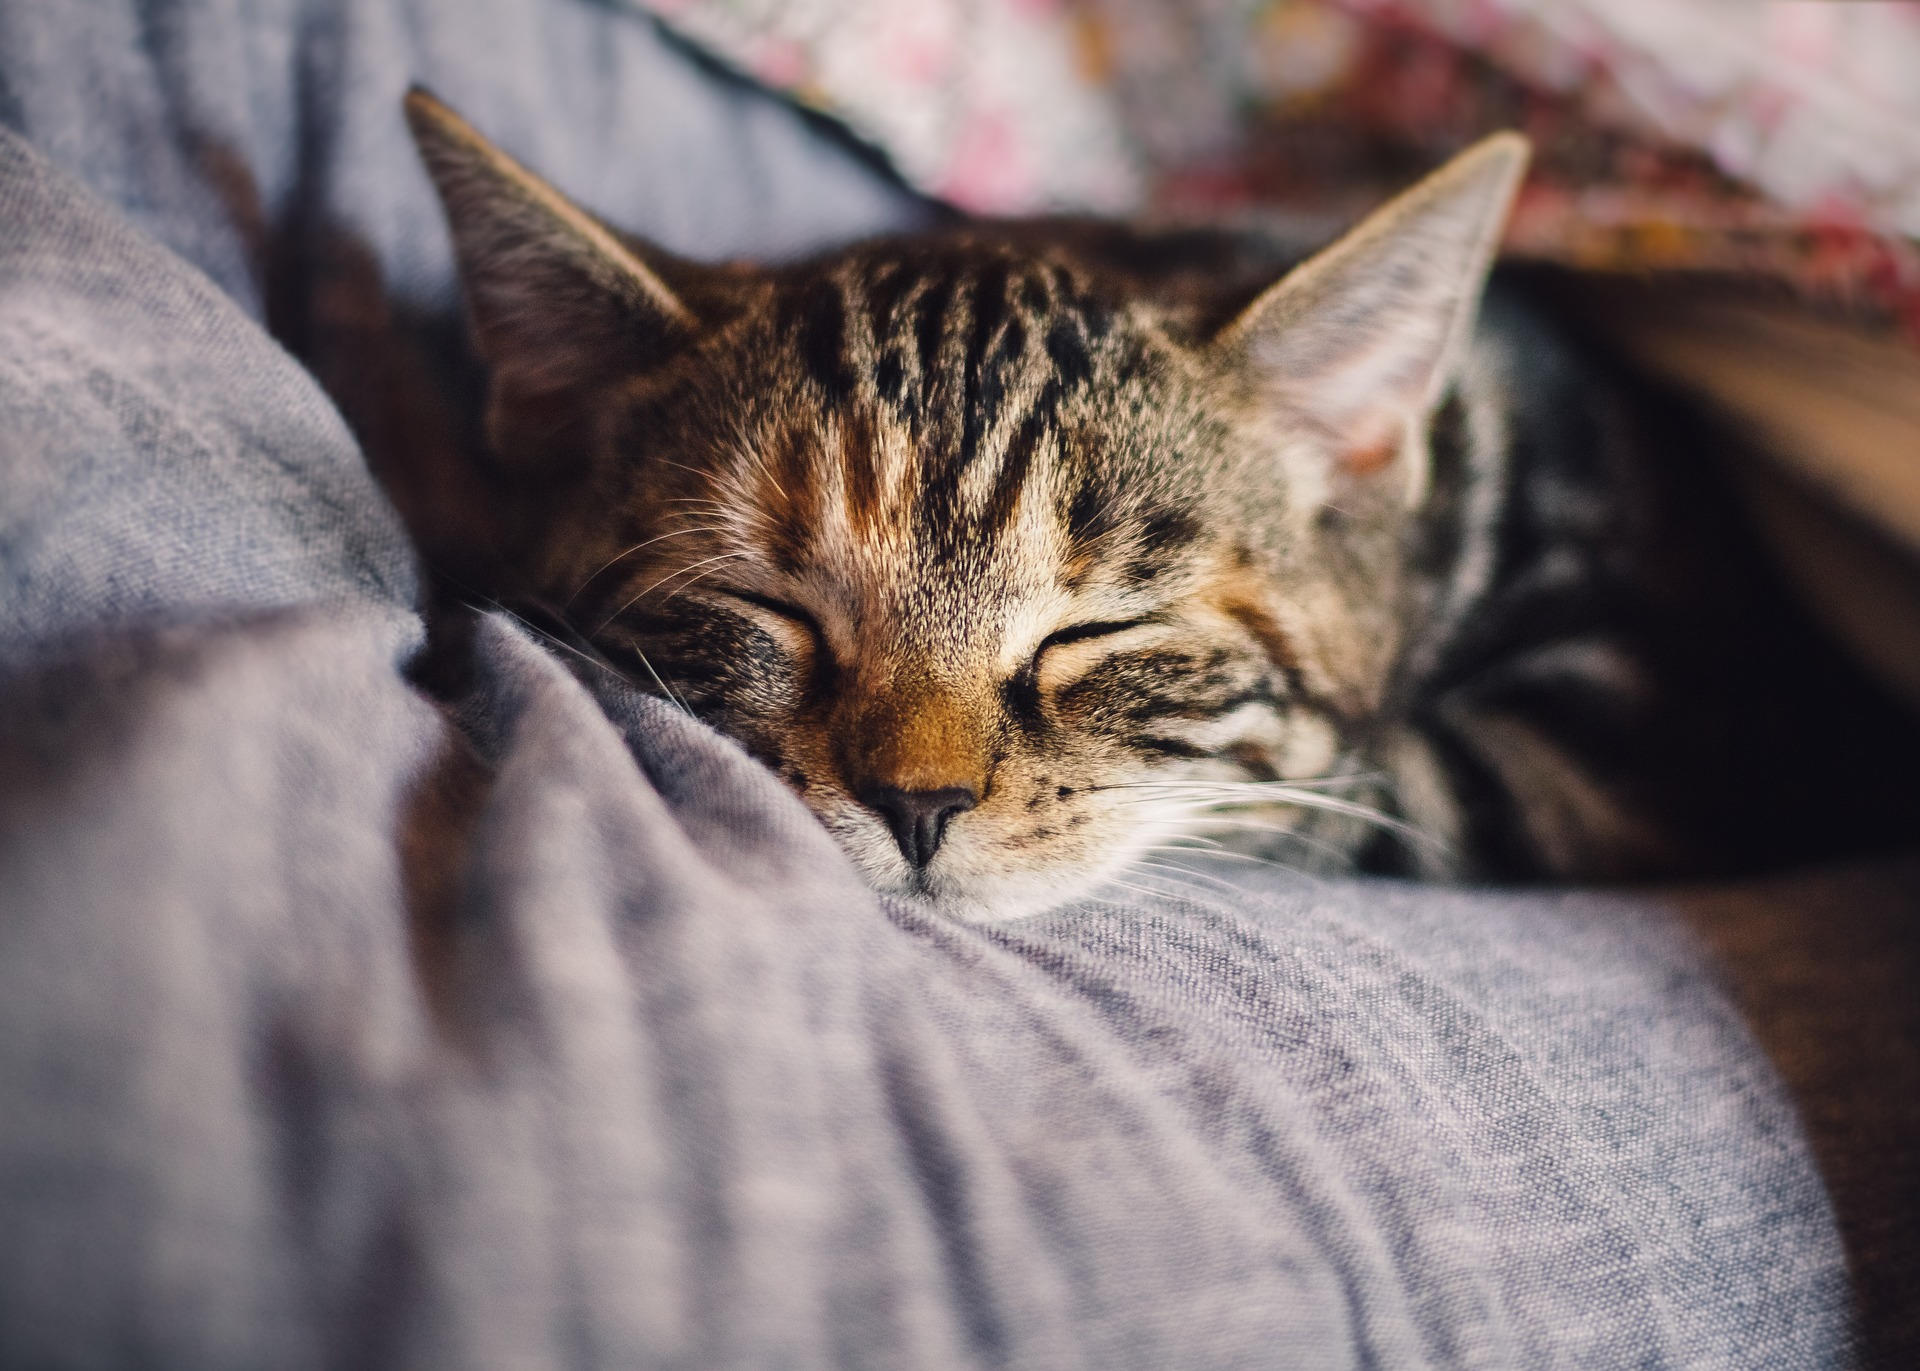 Los gatos buscan sitios agradables para dormir